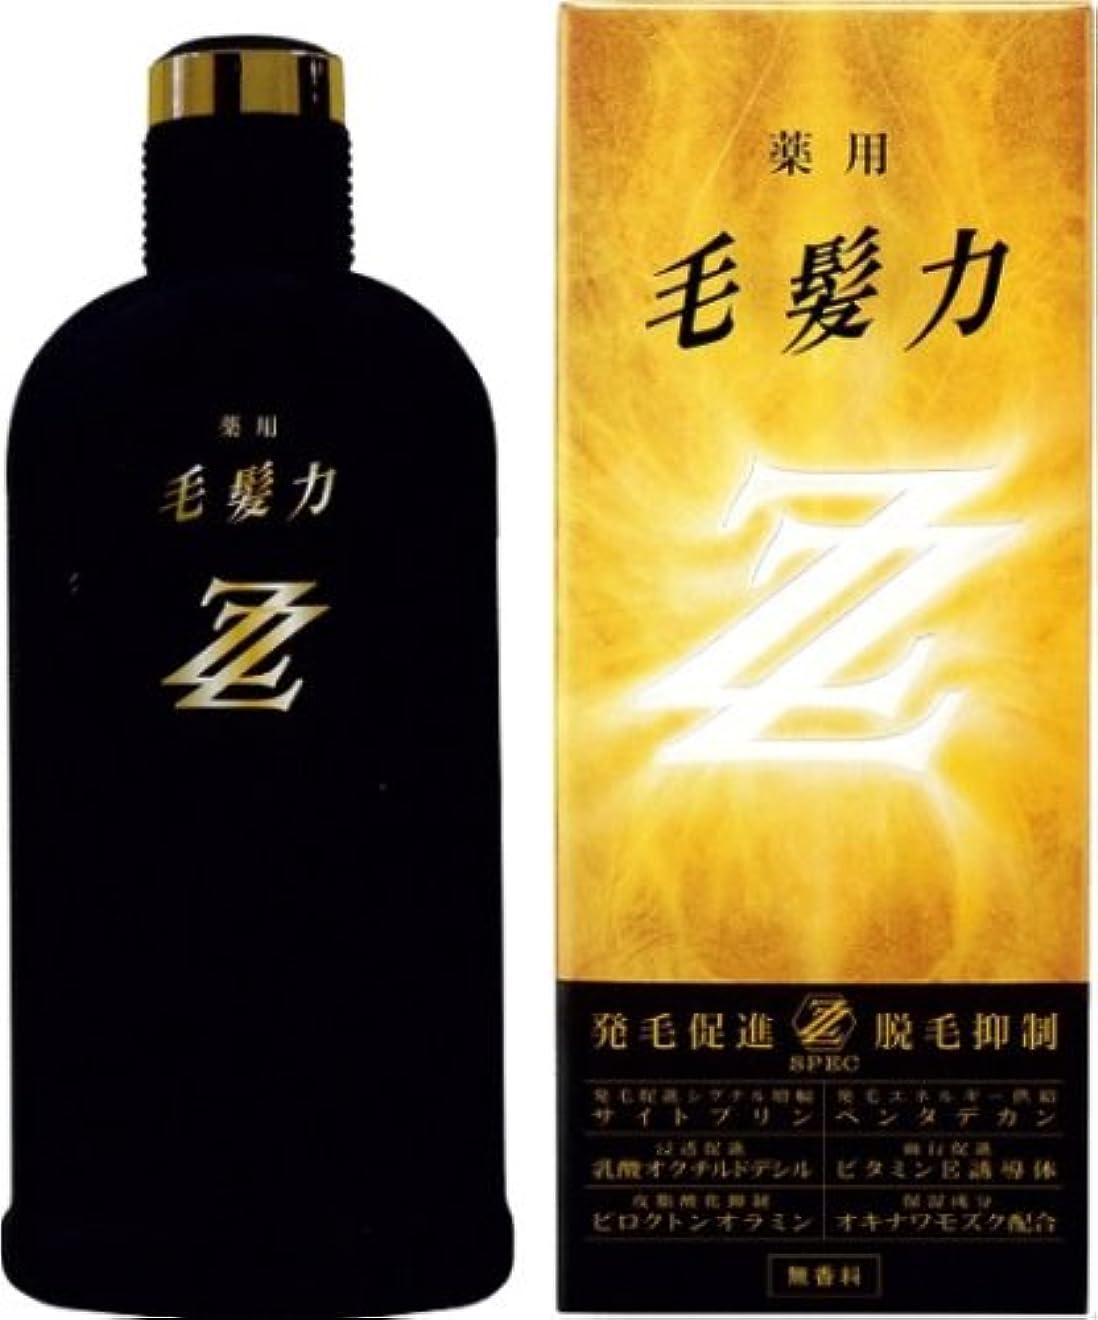 救出蓮くるくる薬用毛髪力ZZ(ダブルジー) 育毛剤 200ml(医薬部外品)